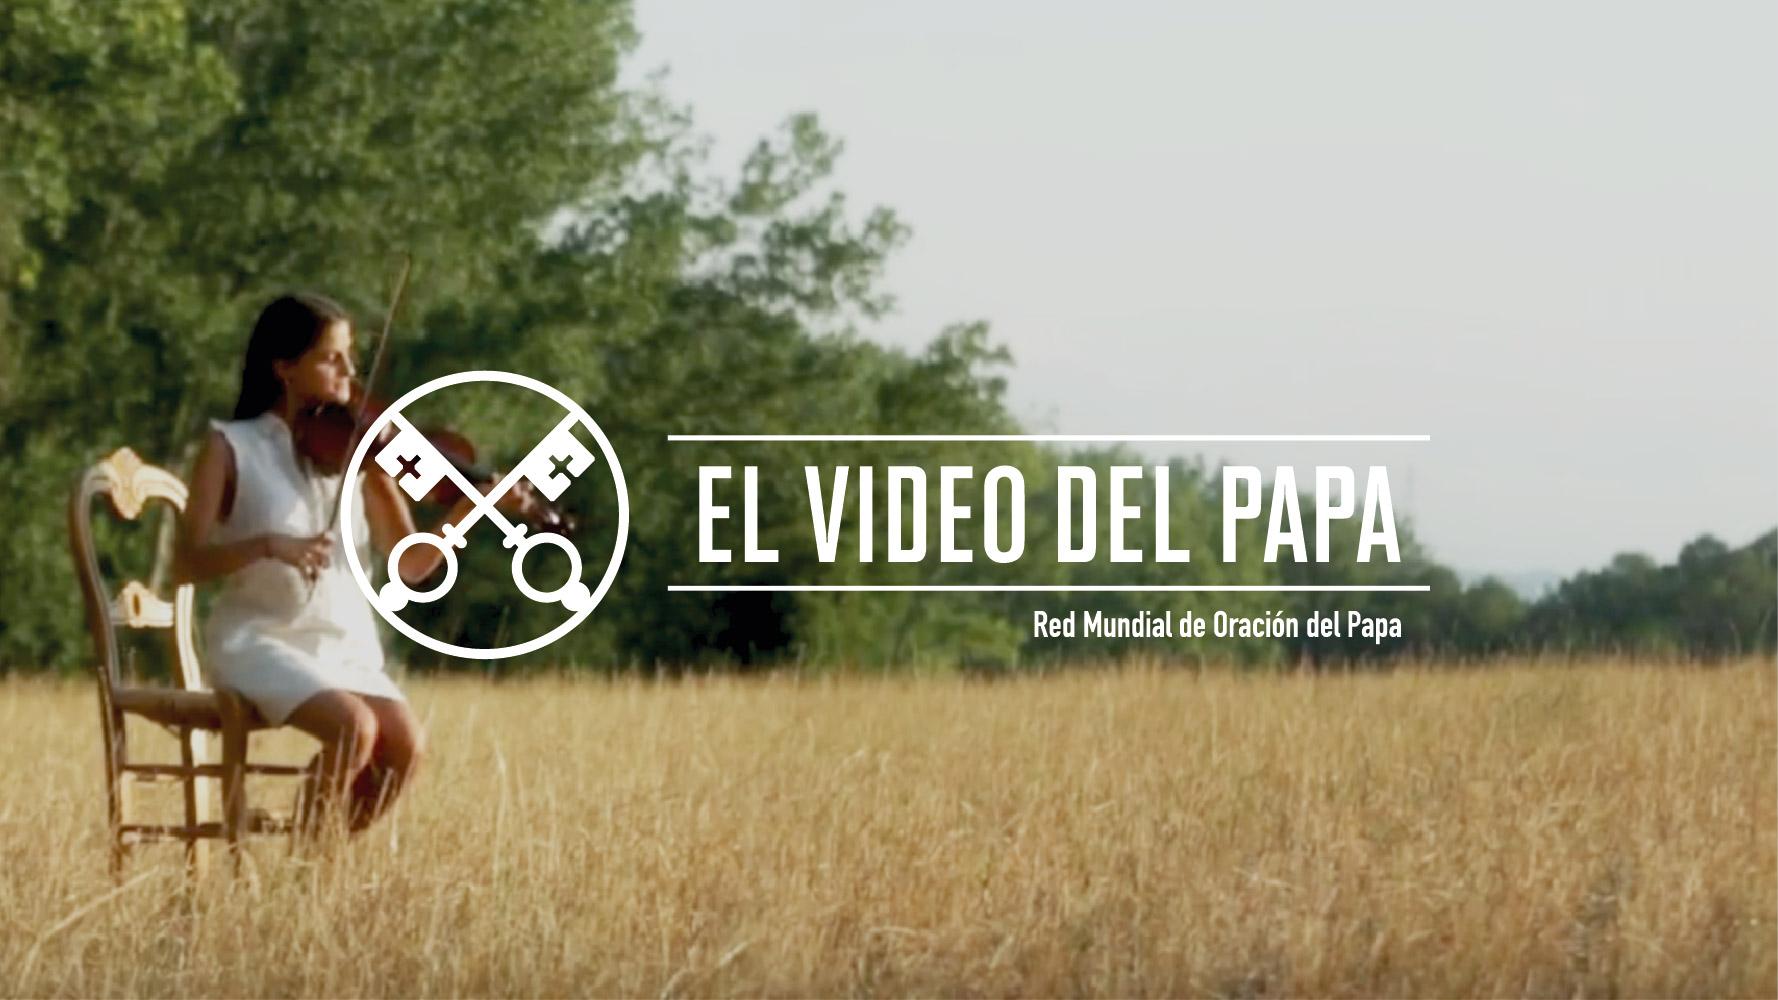 Artistas, música, baile e instrumentos le ponen color al nuevo vídeo del Papa